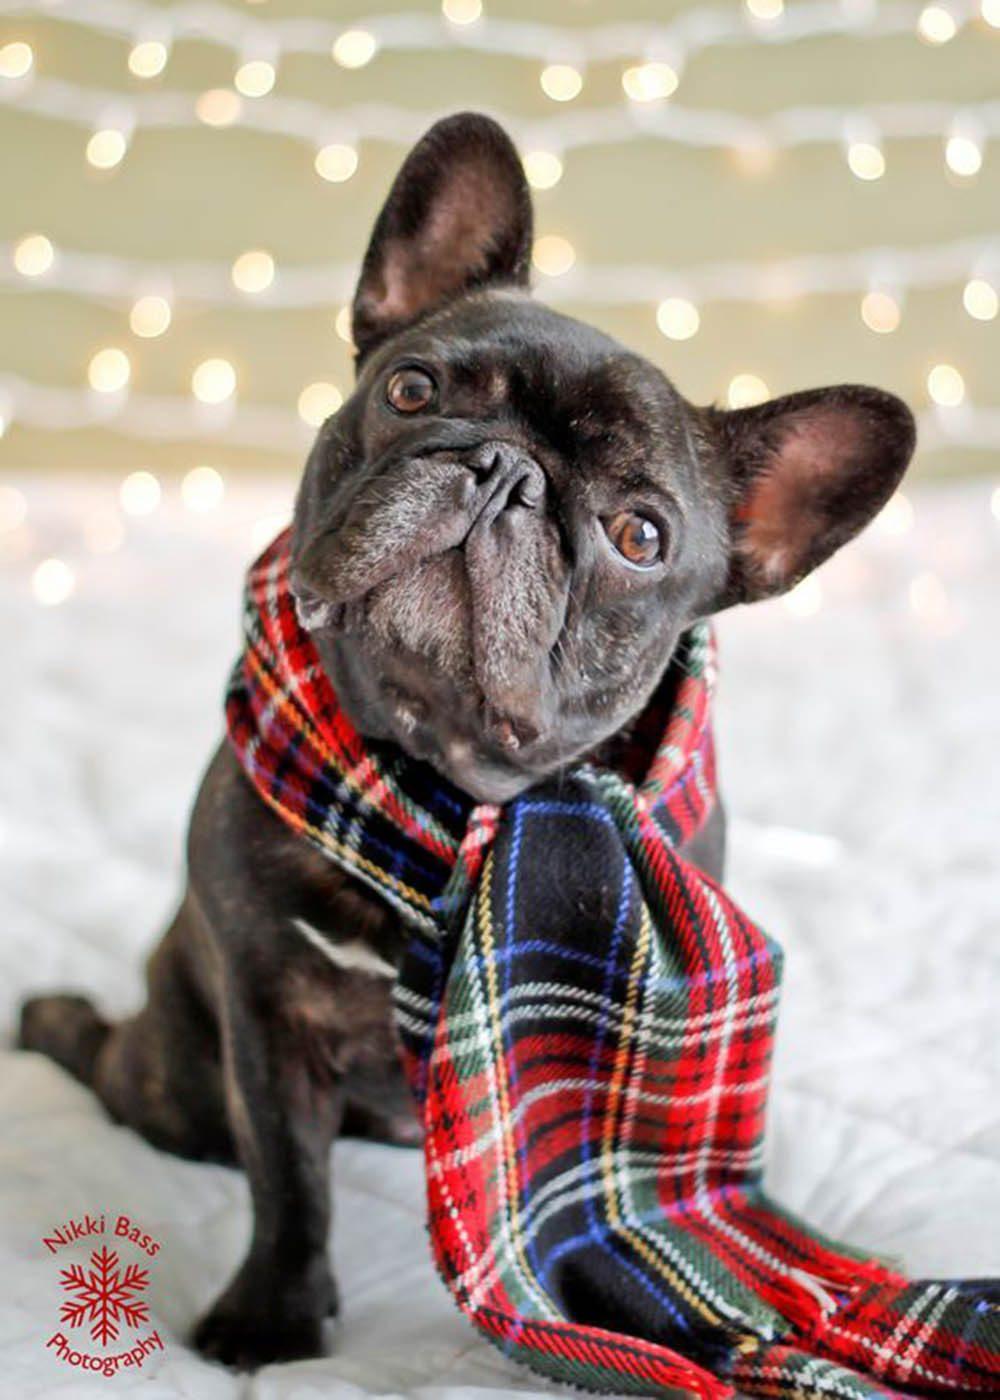 Chiens Noël : c'est la plus belle saison de l'année!